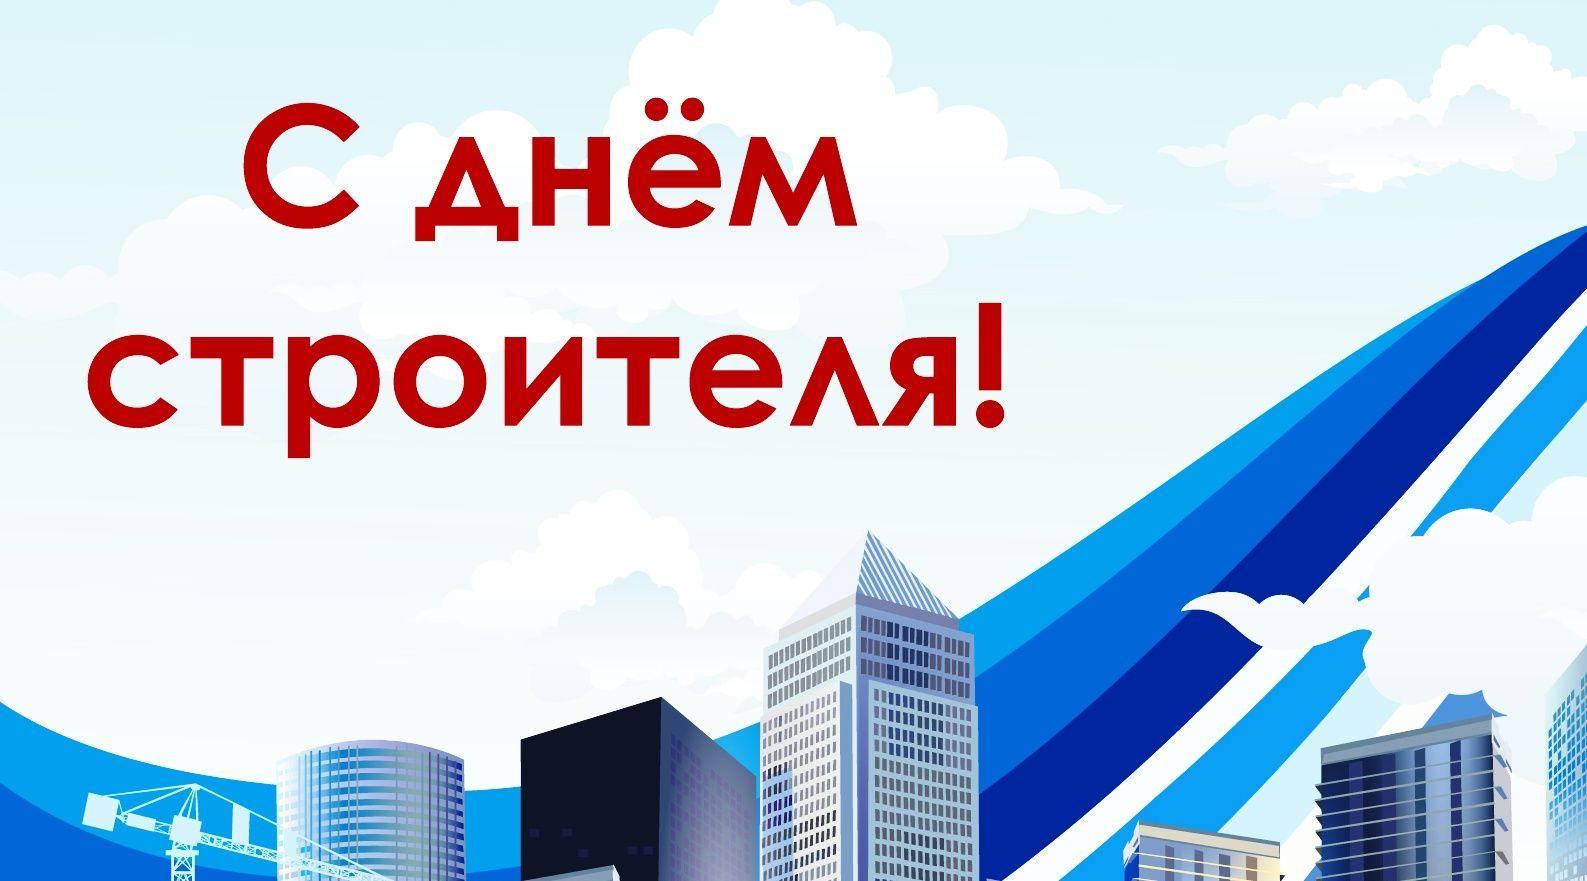 Ректор ВГУЭС Татьяна Терентьева поздравляет строителей с профессиональным праздником